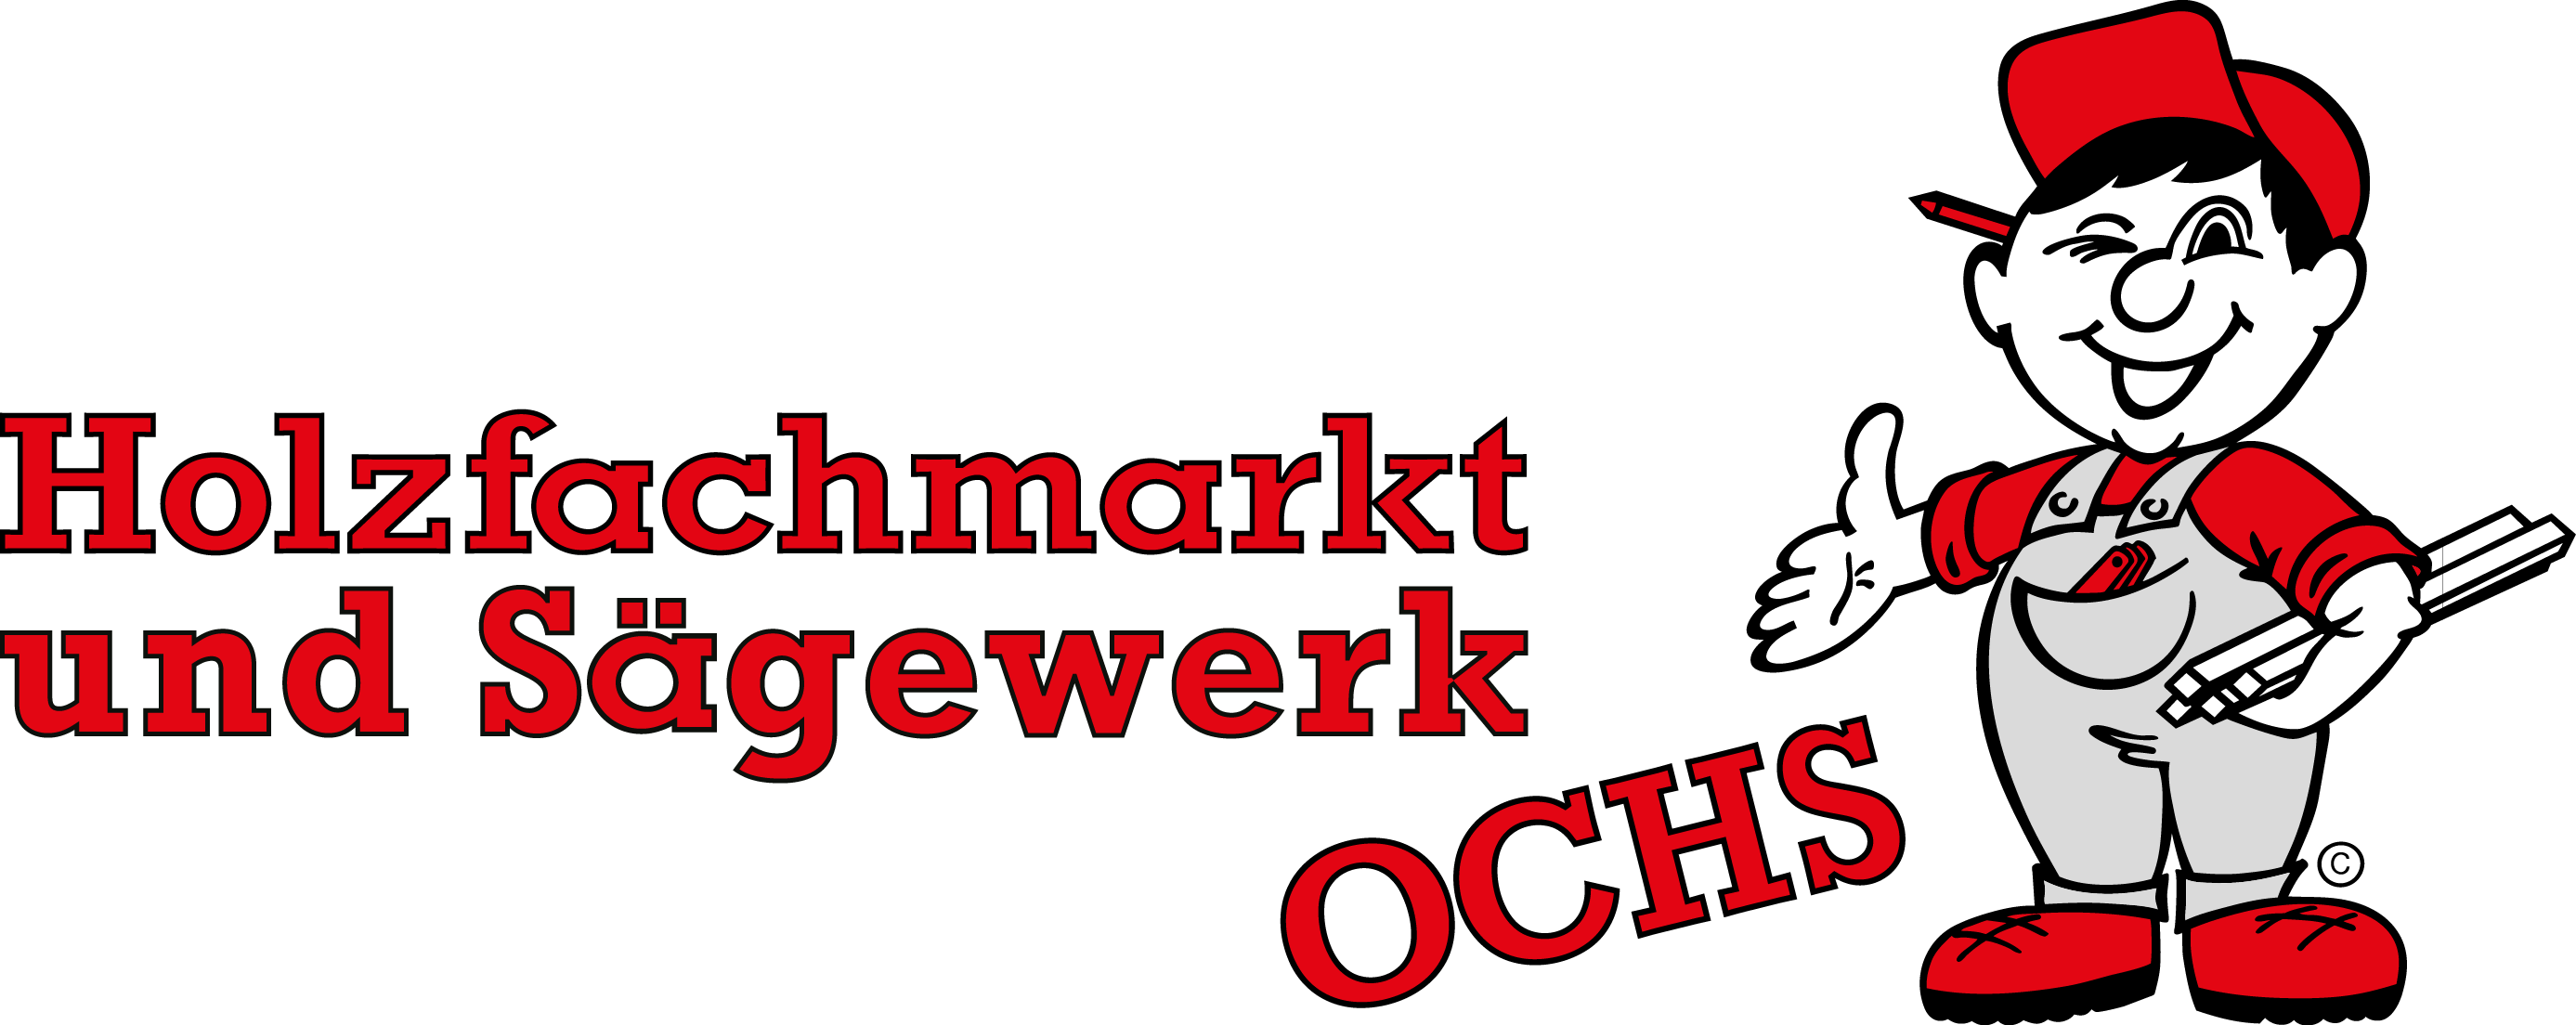 Holzfachmarkt und Sägewerk Ochs